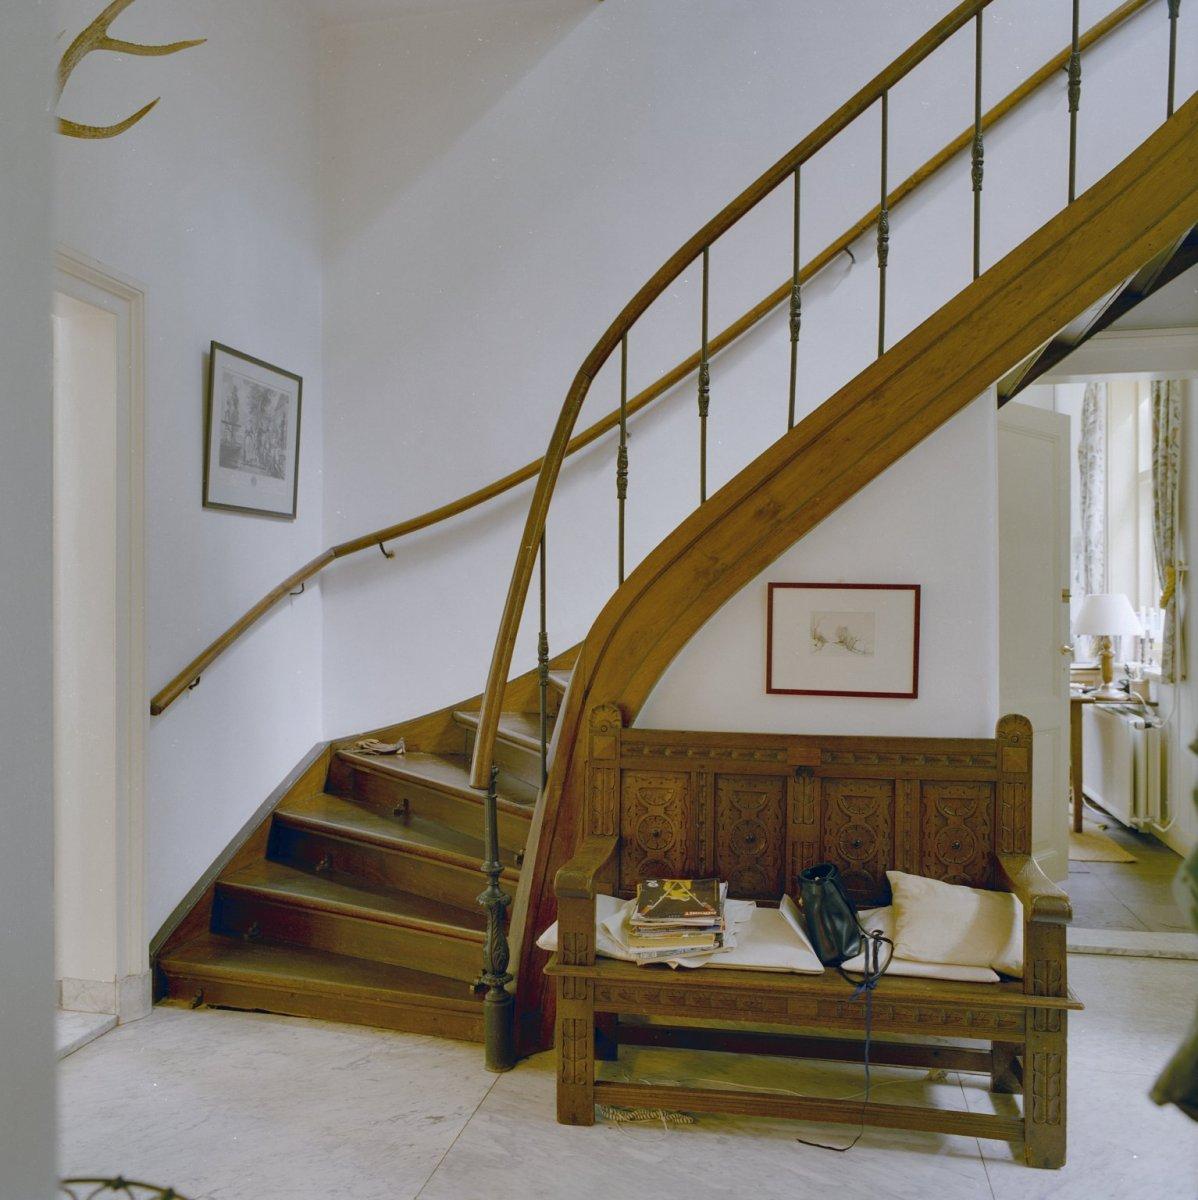 File interieur hal houten bank en gedeelte van trap wilp 20345676 wikimedia commons - Interieur houten trap ...